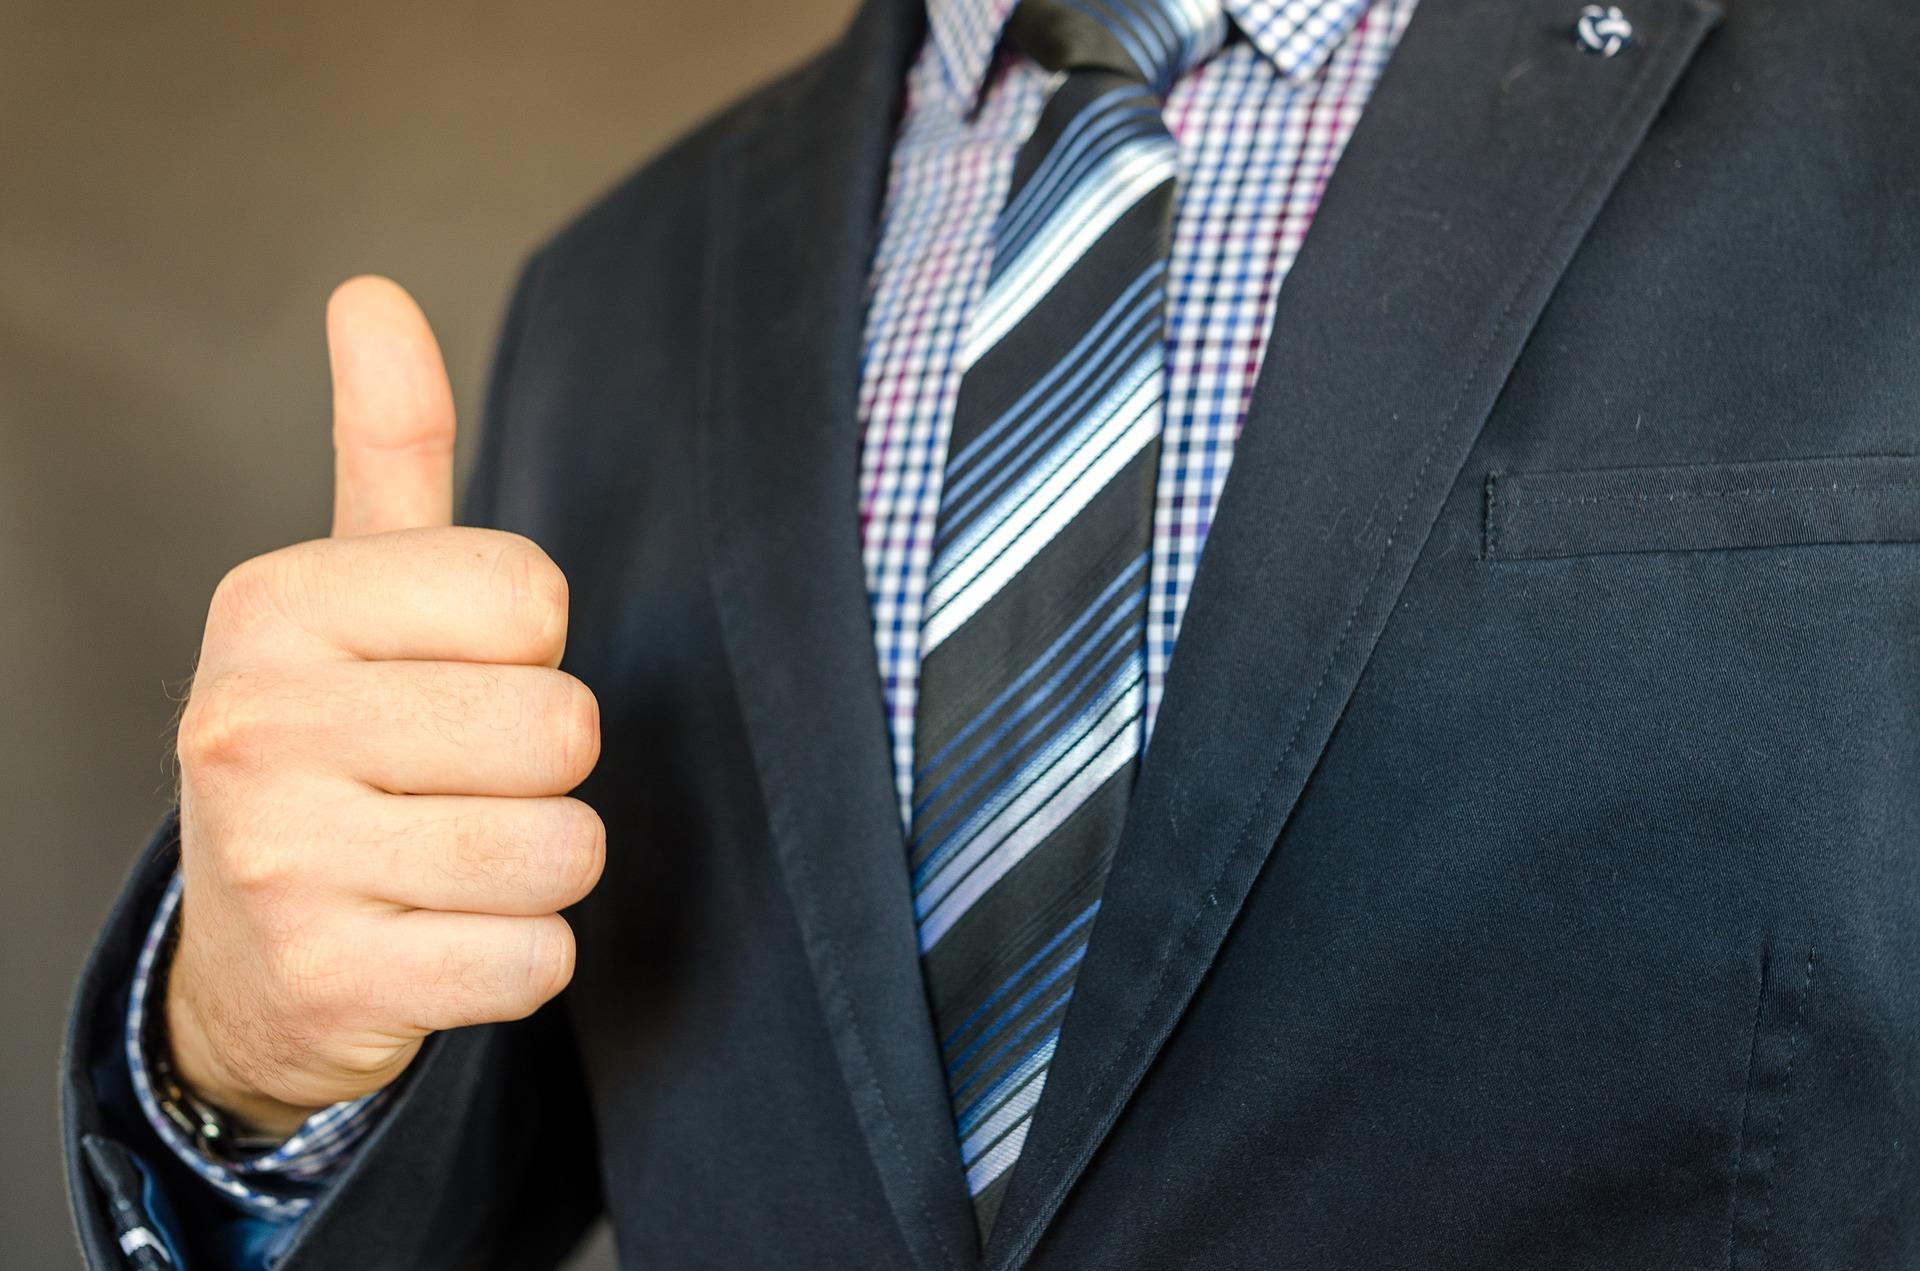 仕事辞めたら人生楽しすぎと思うために在職中にすべきこと